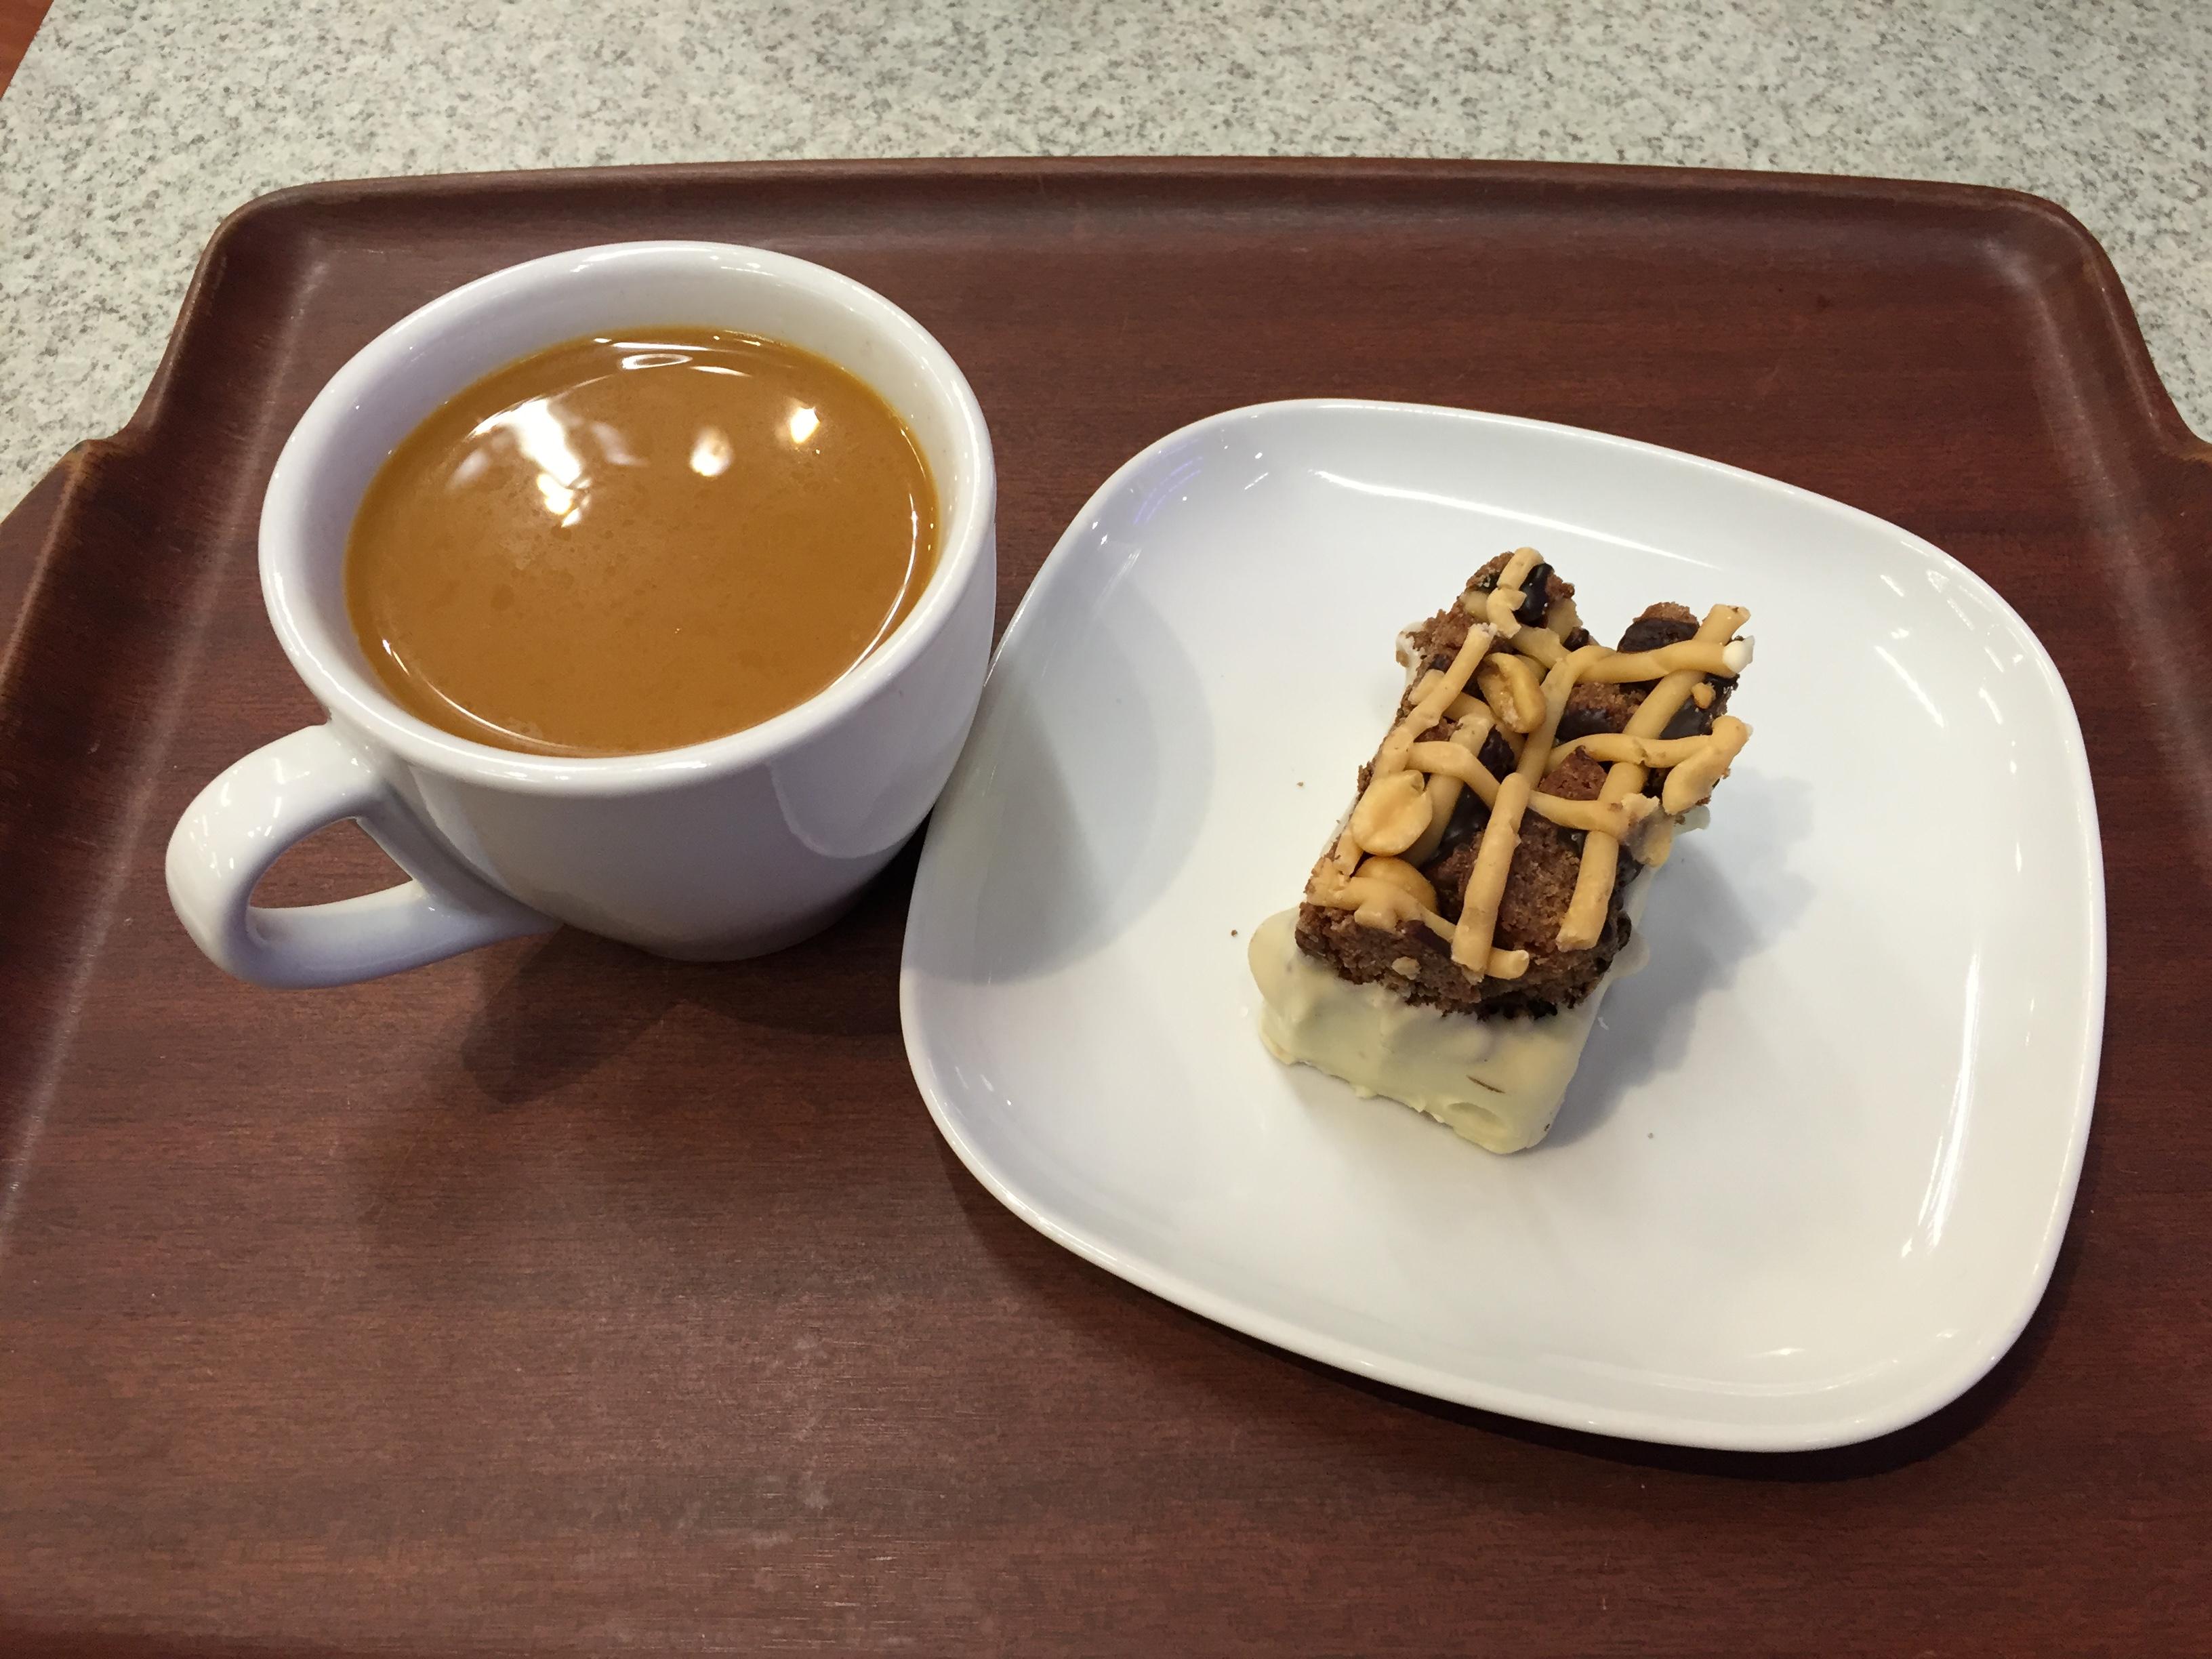 Kulmakonditoria, Vantaa: Tsuffe ja brownie